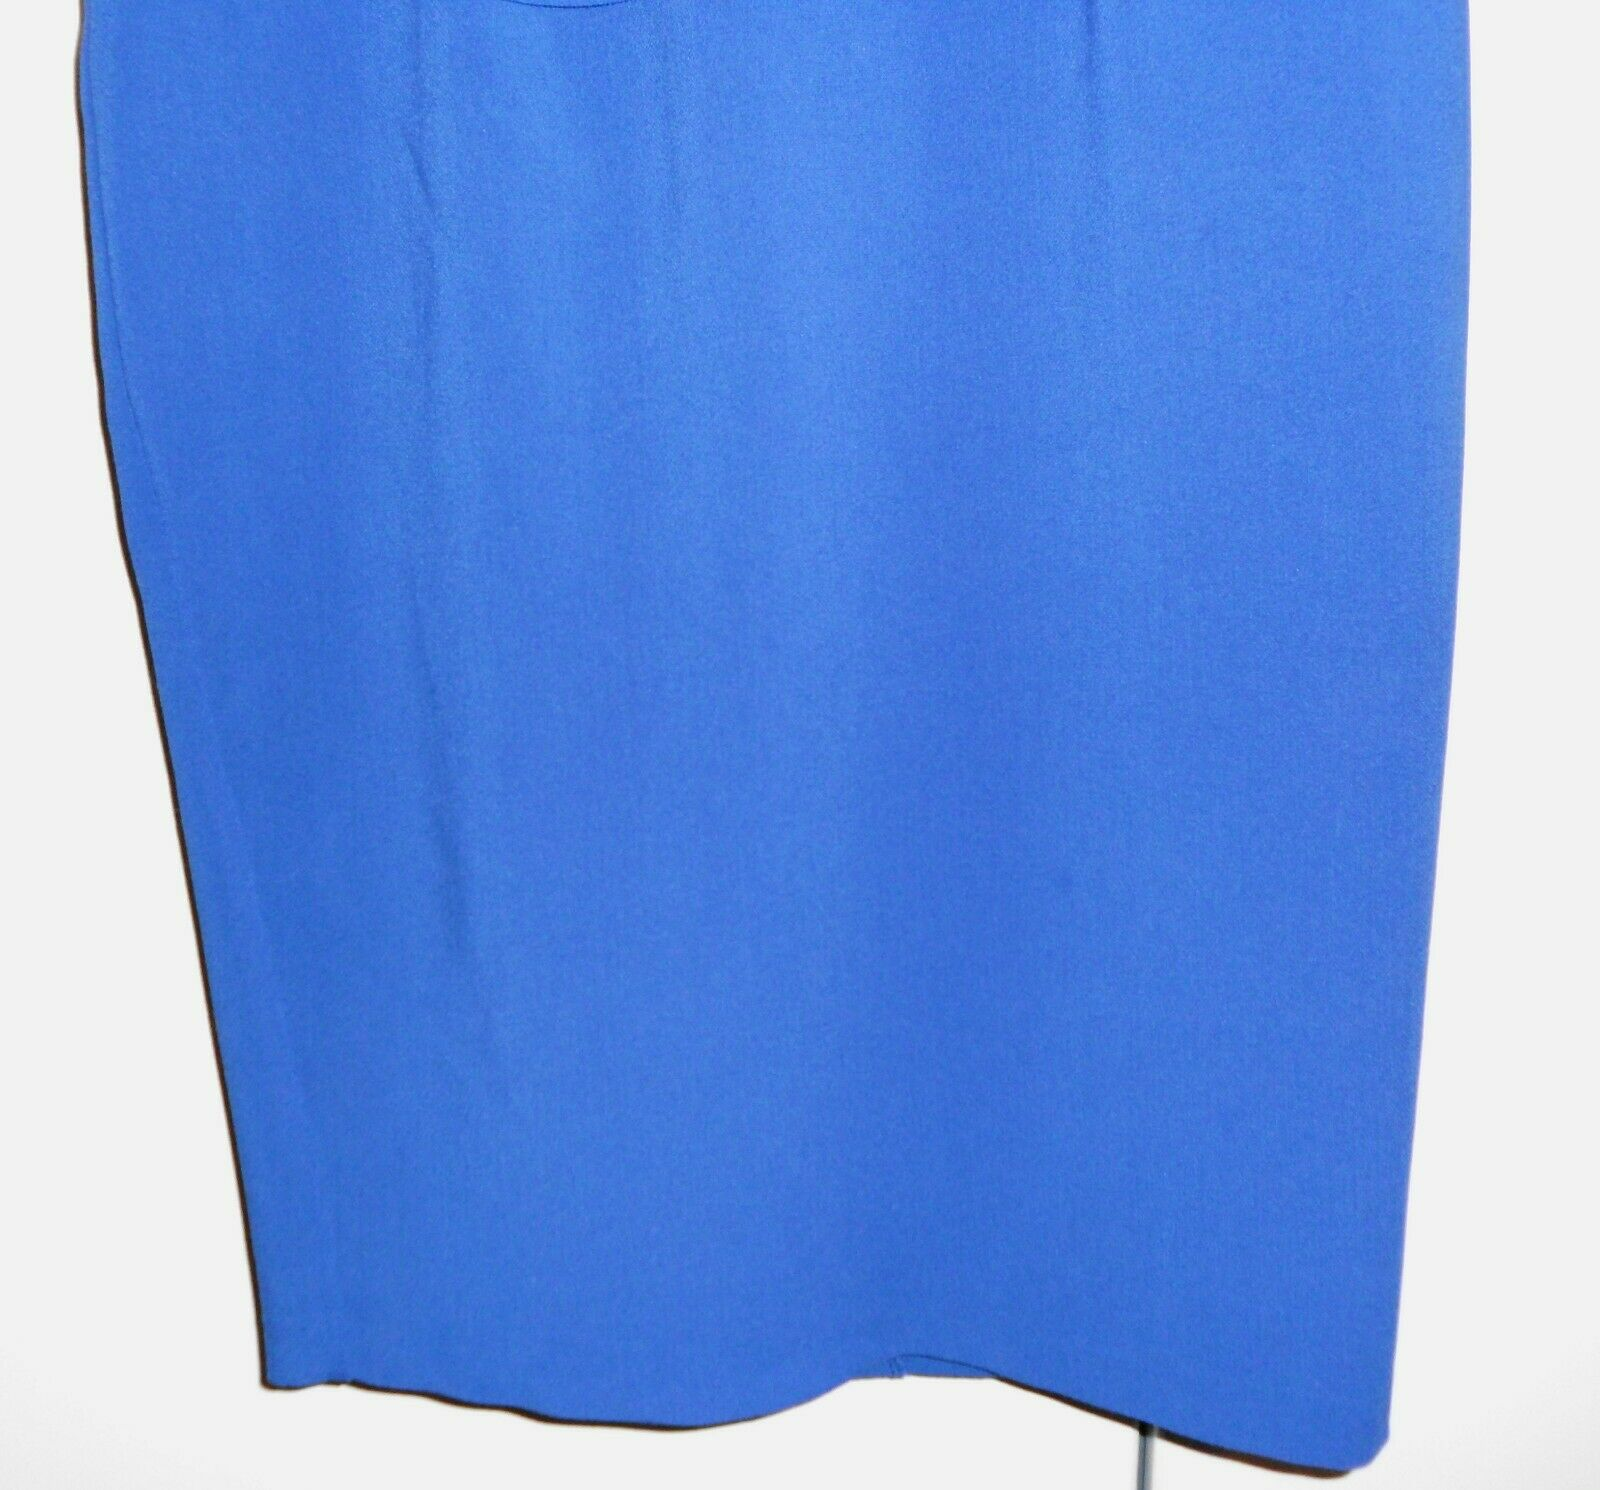 Closet Kornblau Damen Kleid Etuikleid Neu mit mit mit Etikett Gr. 8,-34 | Günstige Bestellung  | Guter weltweiter Ruf  | Üppiges Design  46a574